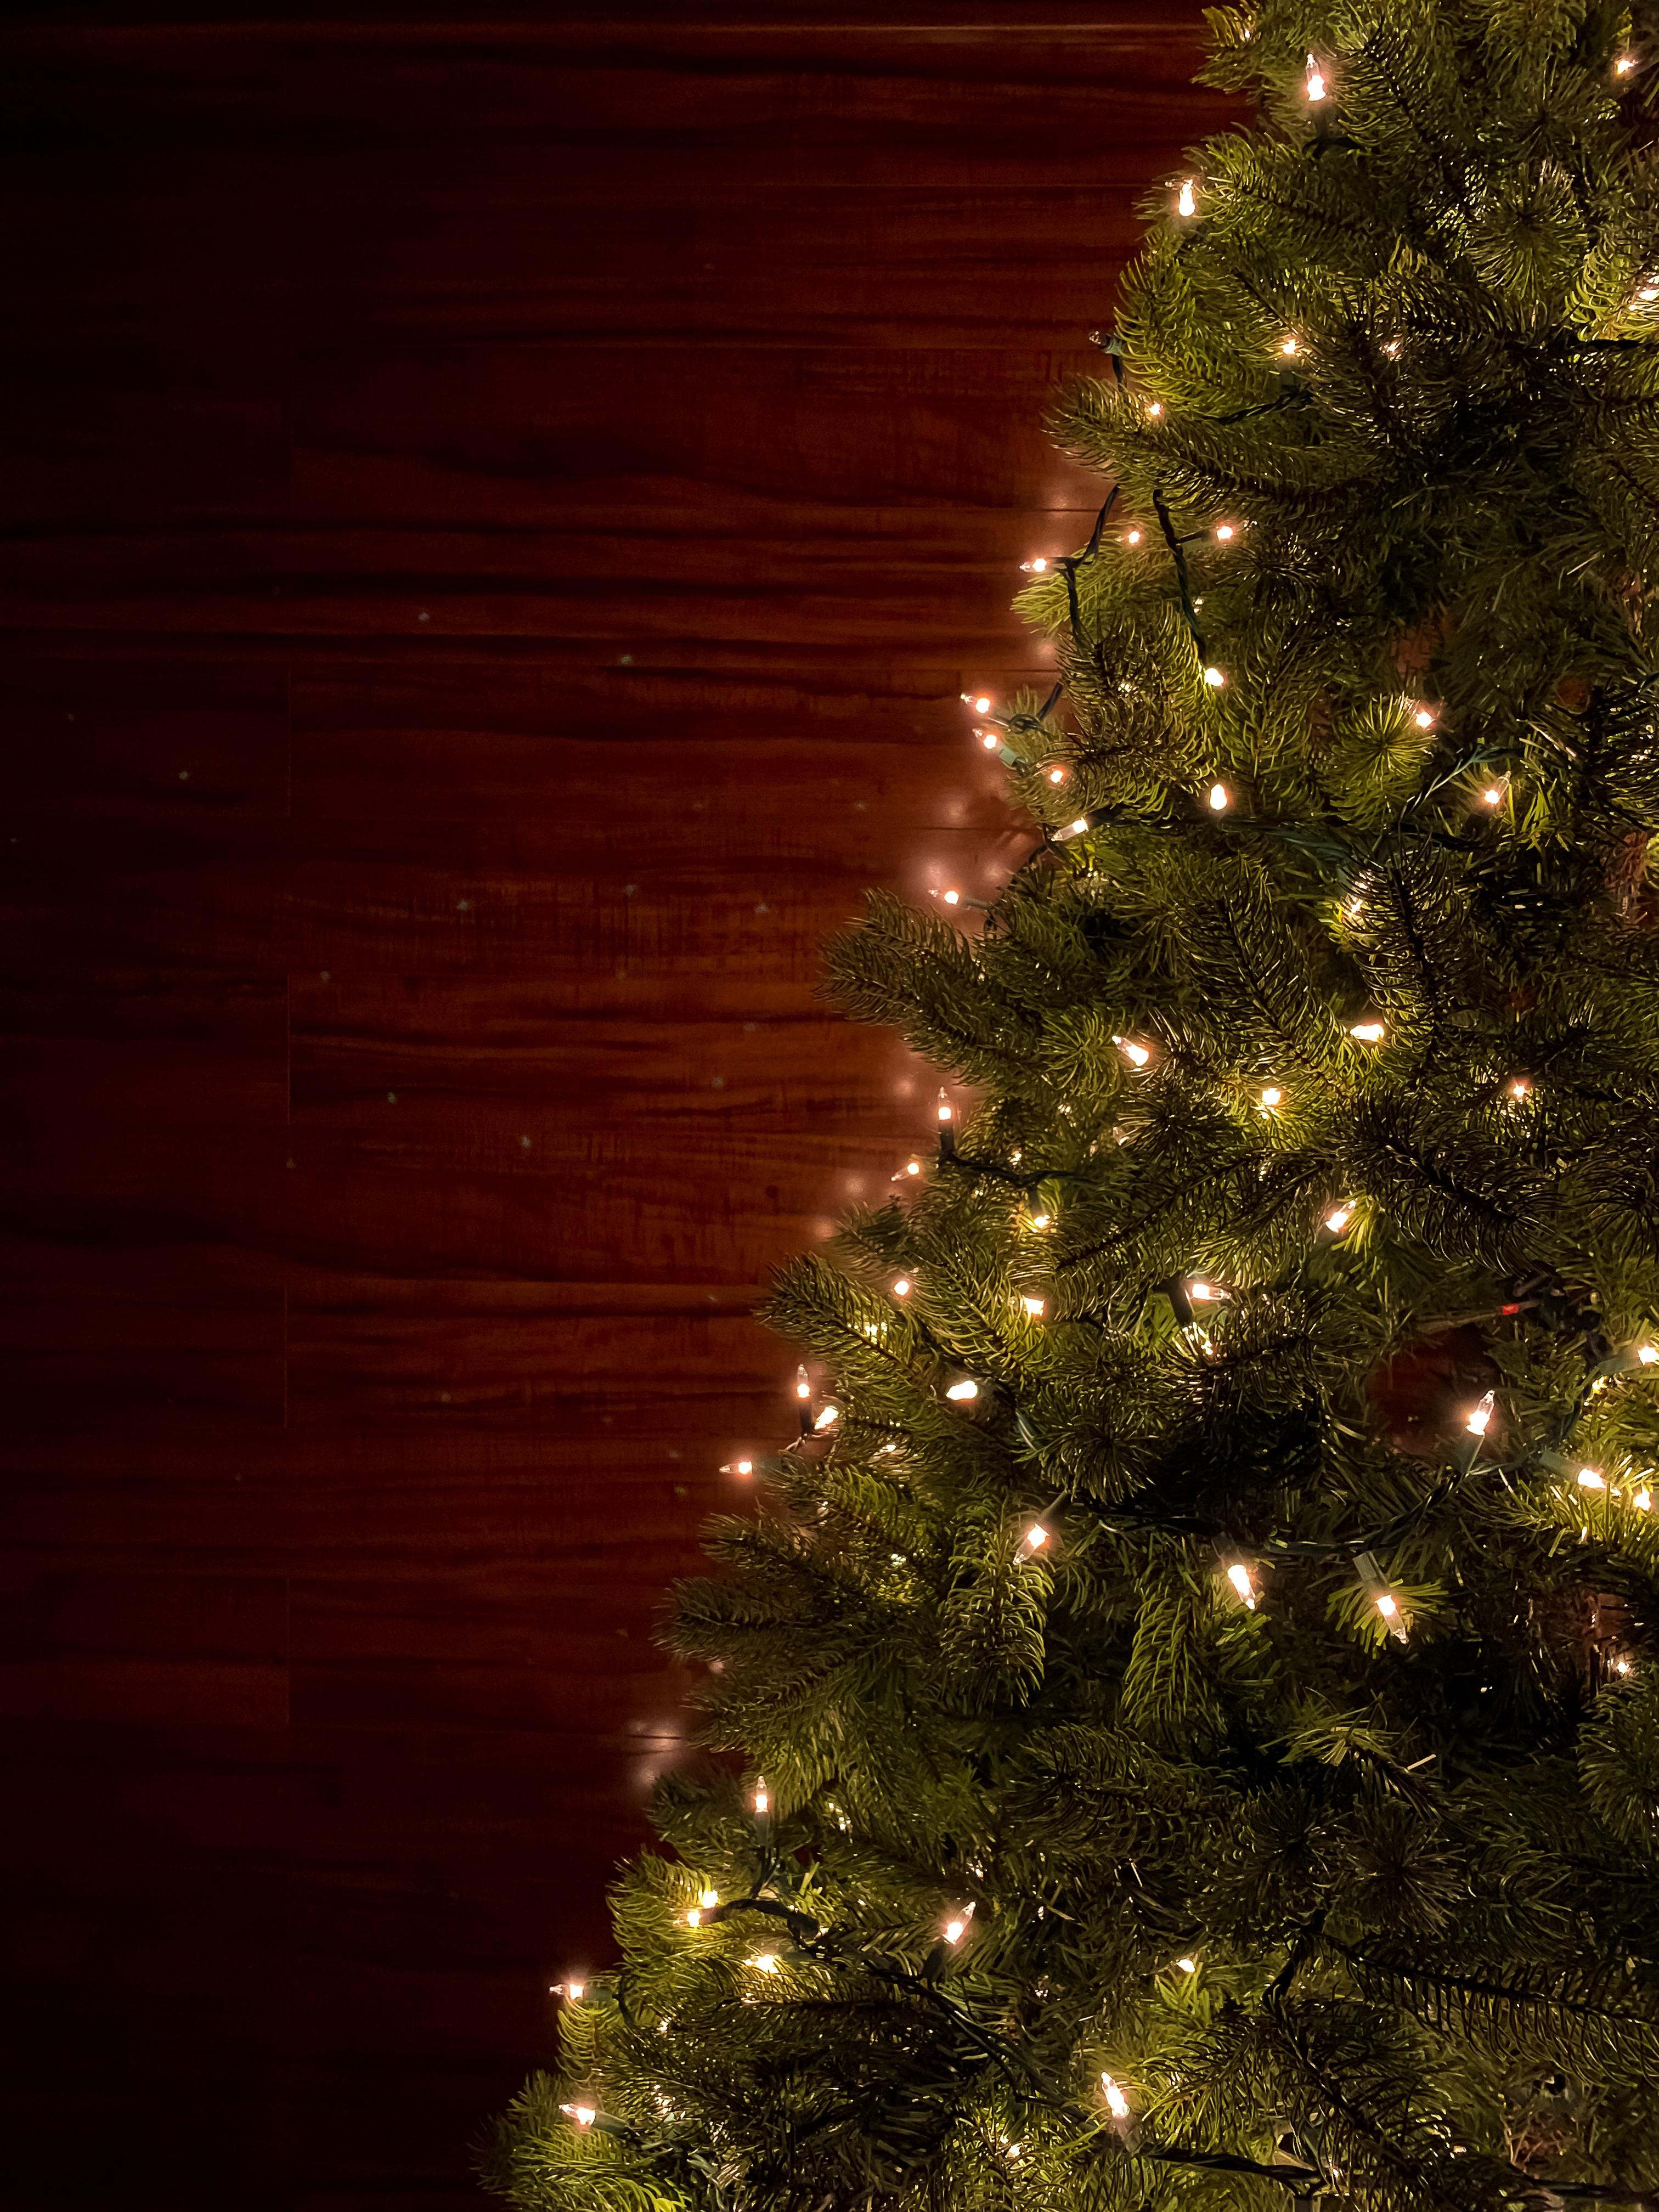 56355 скачать картинку Праздники, Рождество, Новый Год, Елка, Гирлянды - обои и заставки бесплатно